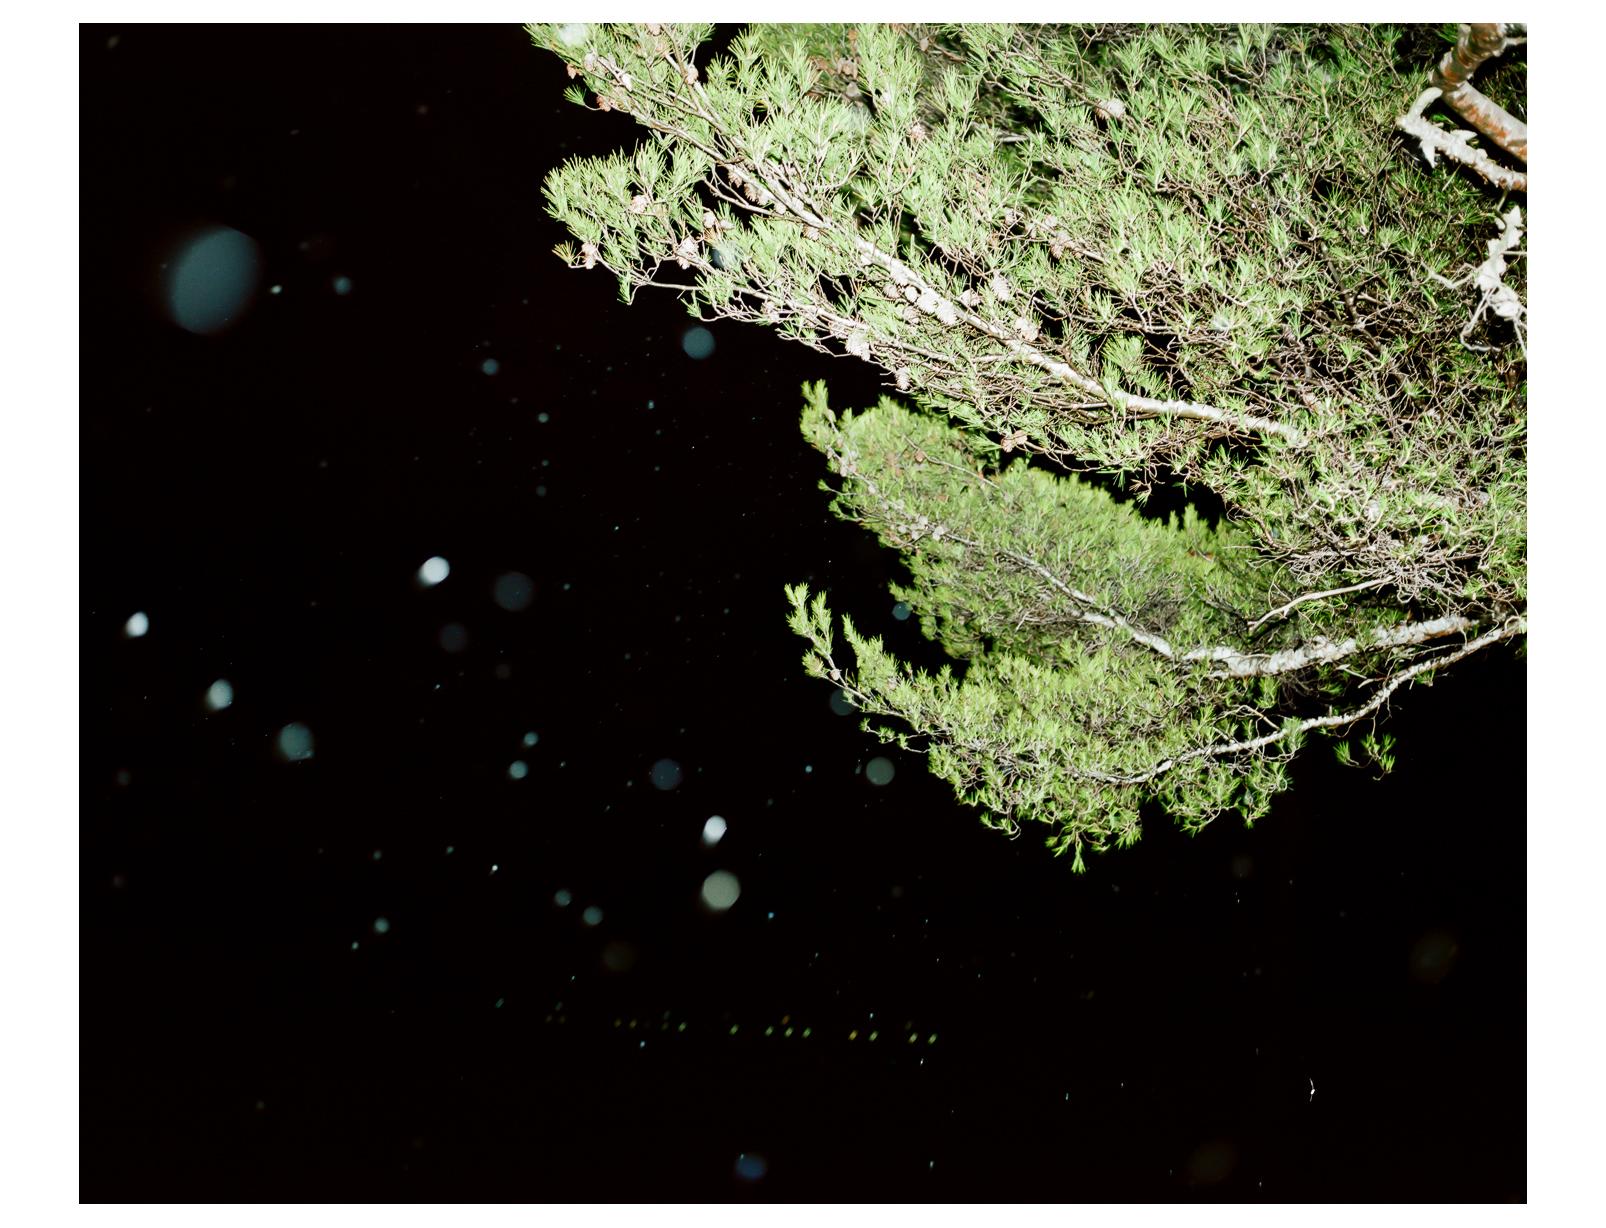 Matej Sitar, iz cikla Majhna meditacija o času in prostoru (2).jpg